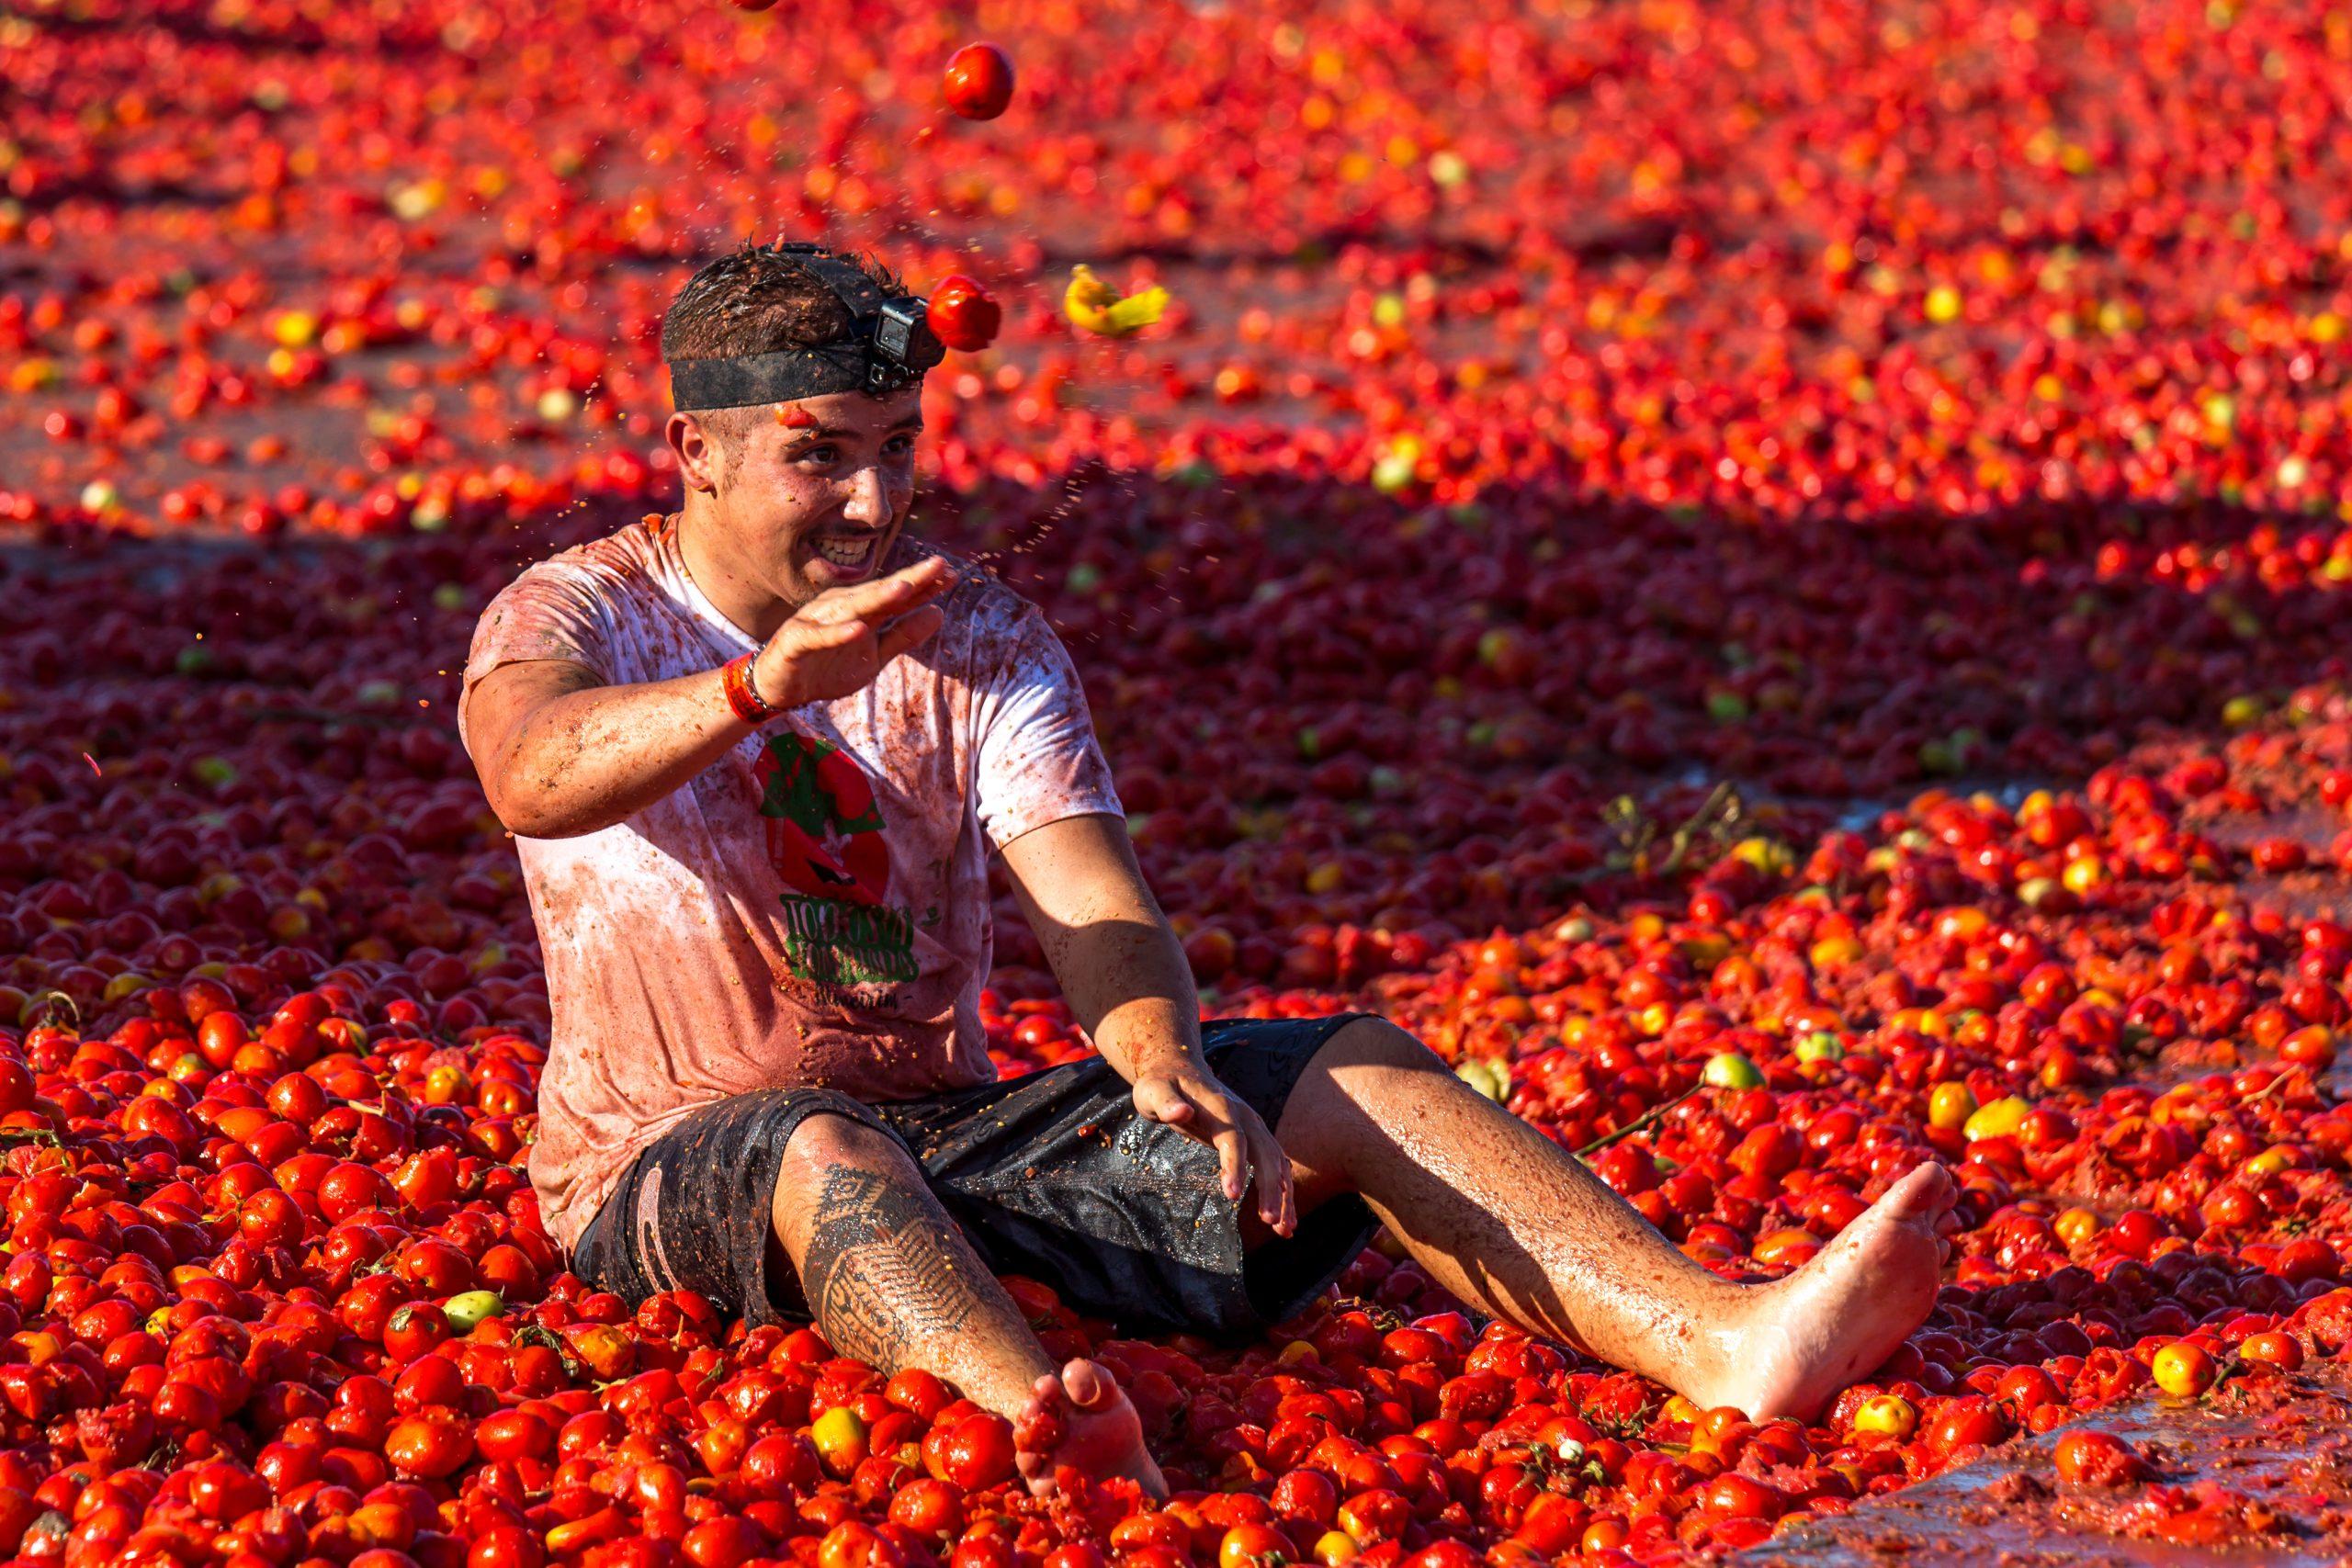 Den røde tomatkrigen